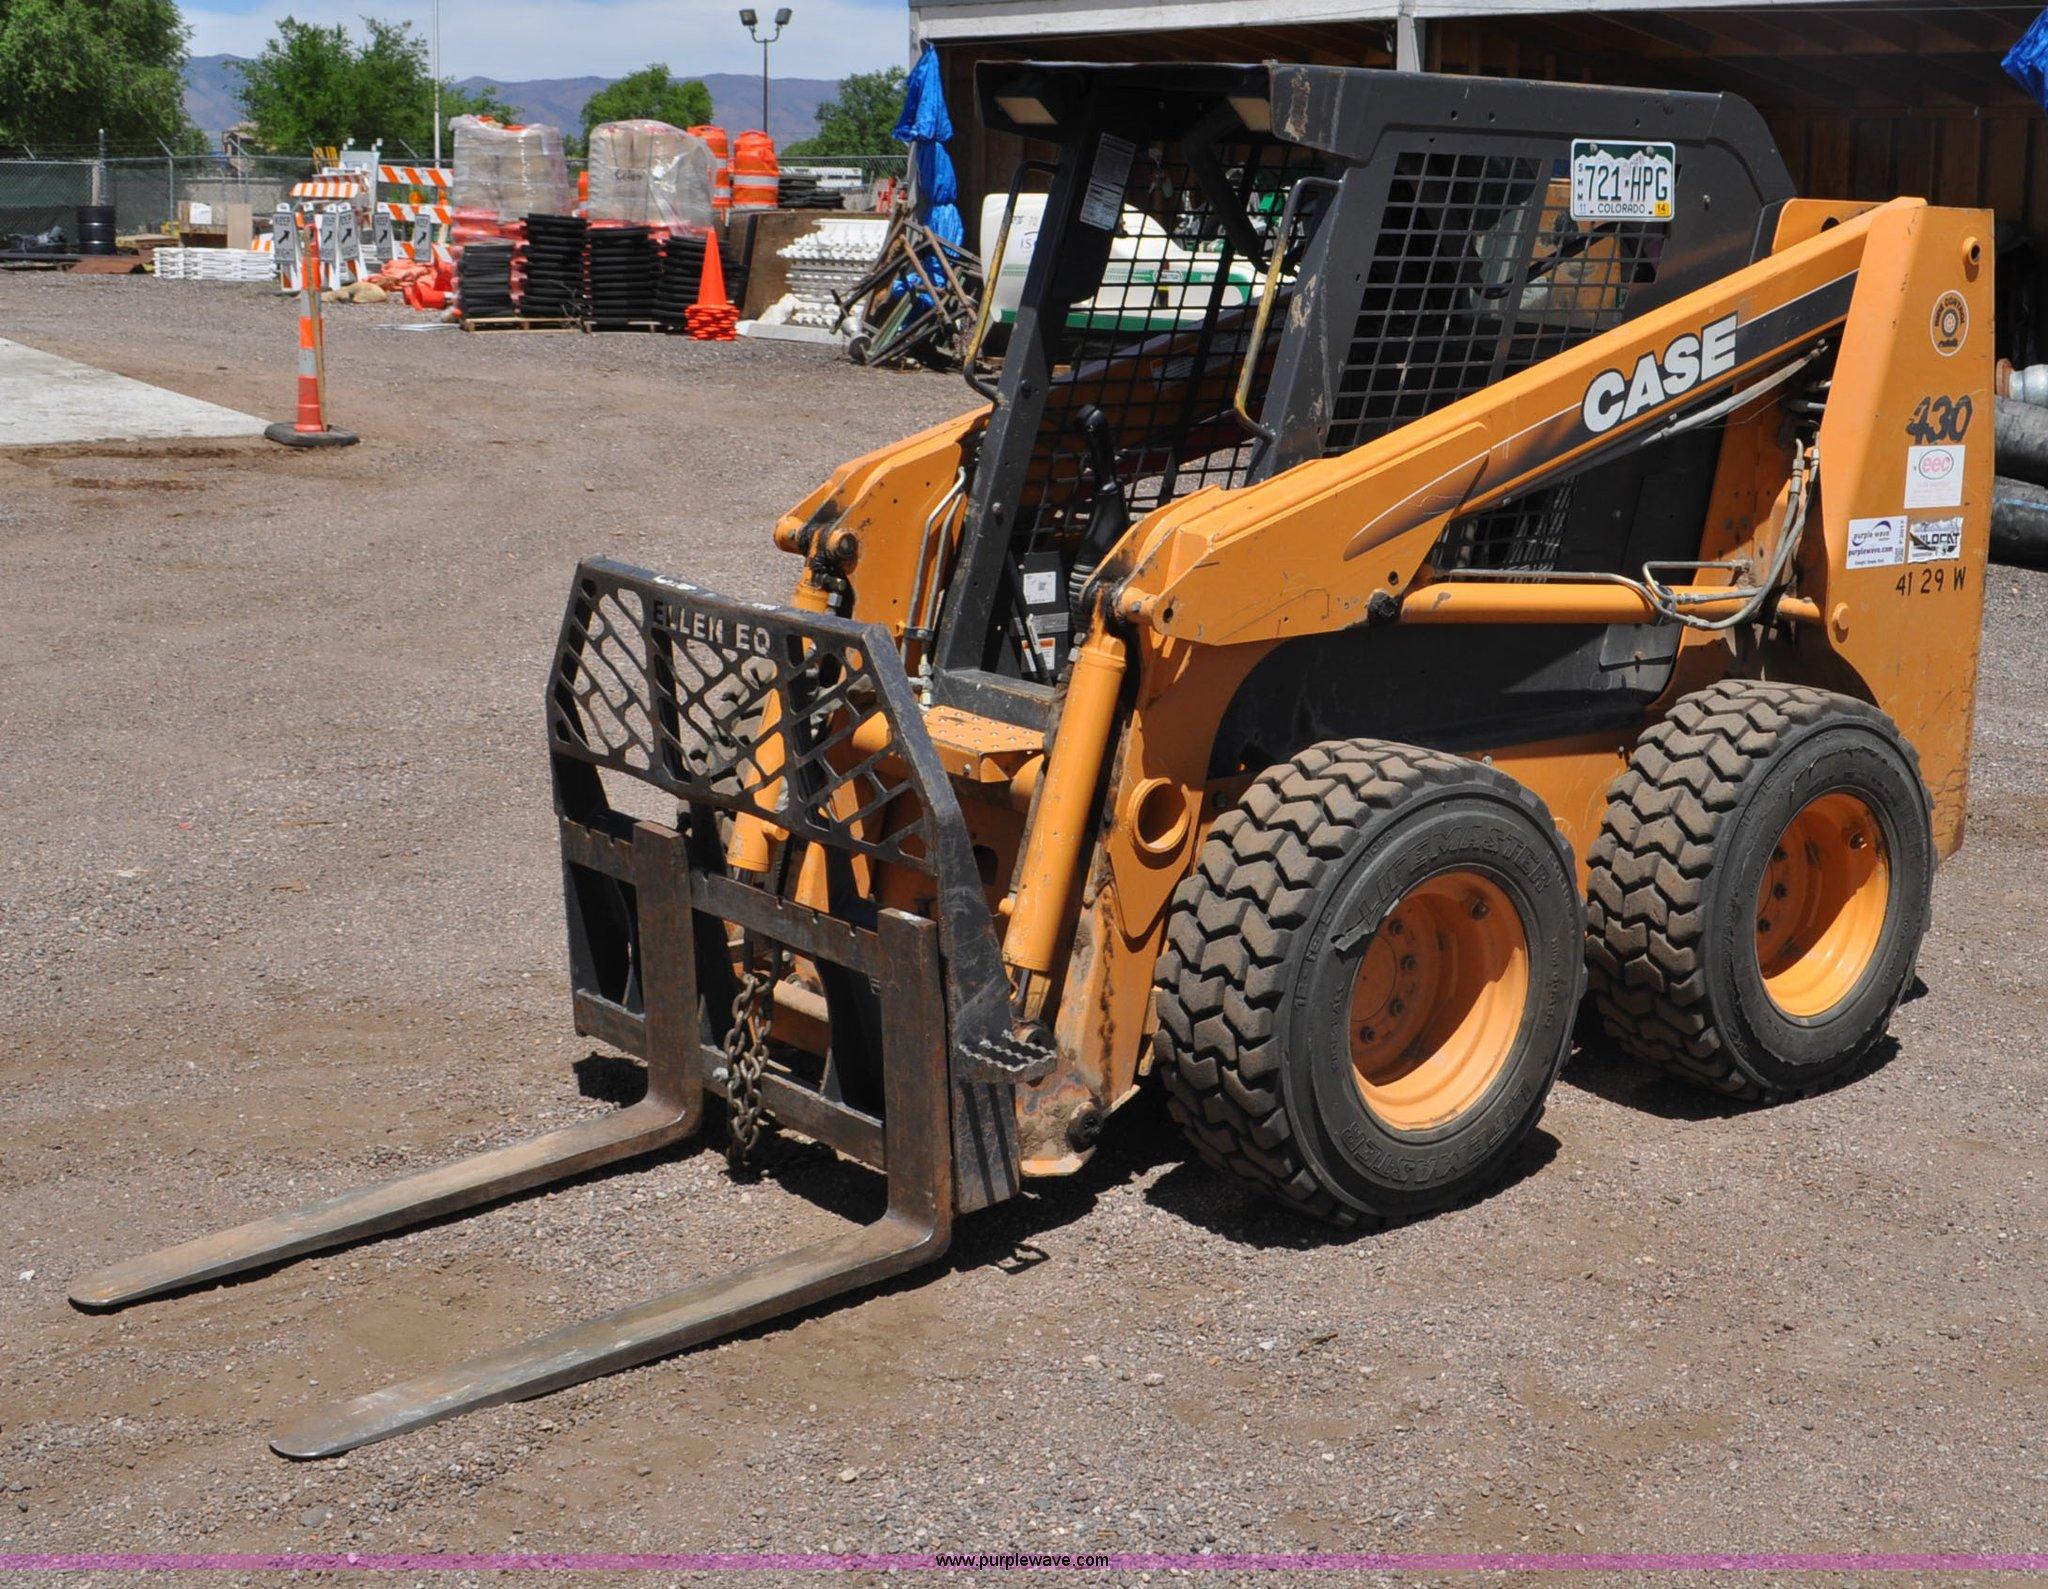 F2017 image for item F2017 2006 Case 430 skid steer